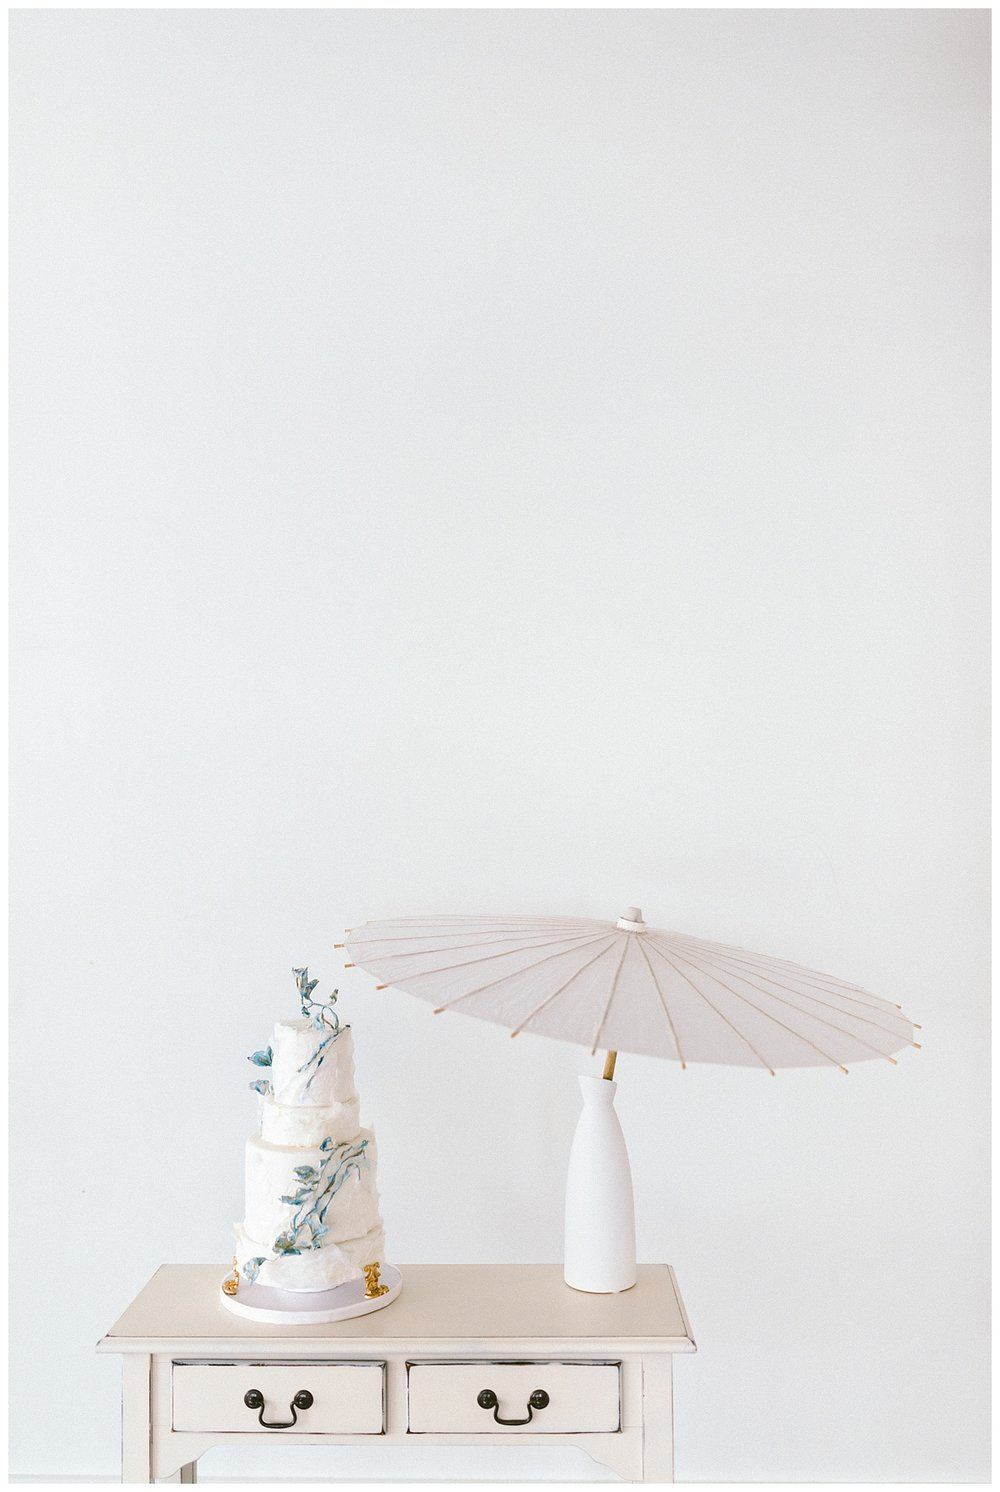 Hong Kong Fine Art Wedding Prewedding Photographer 00019.jpg